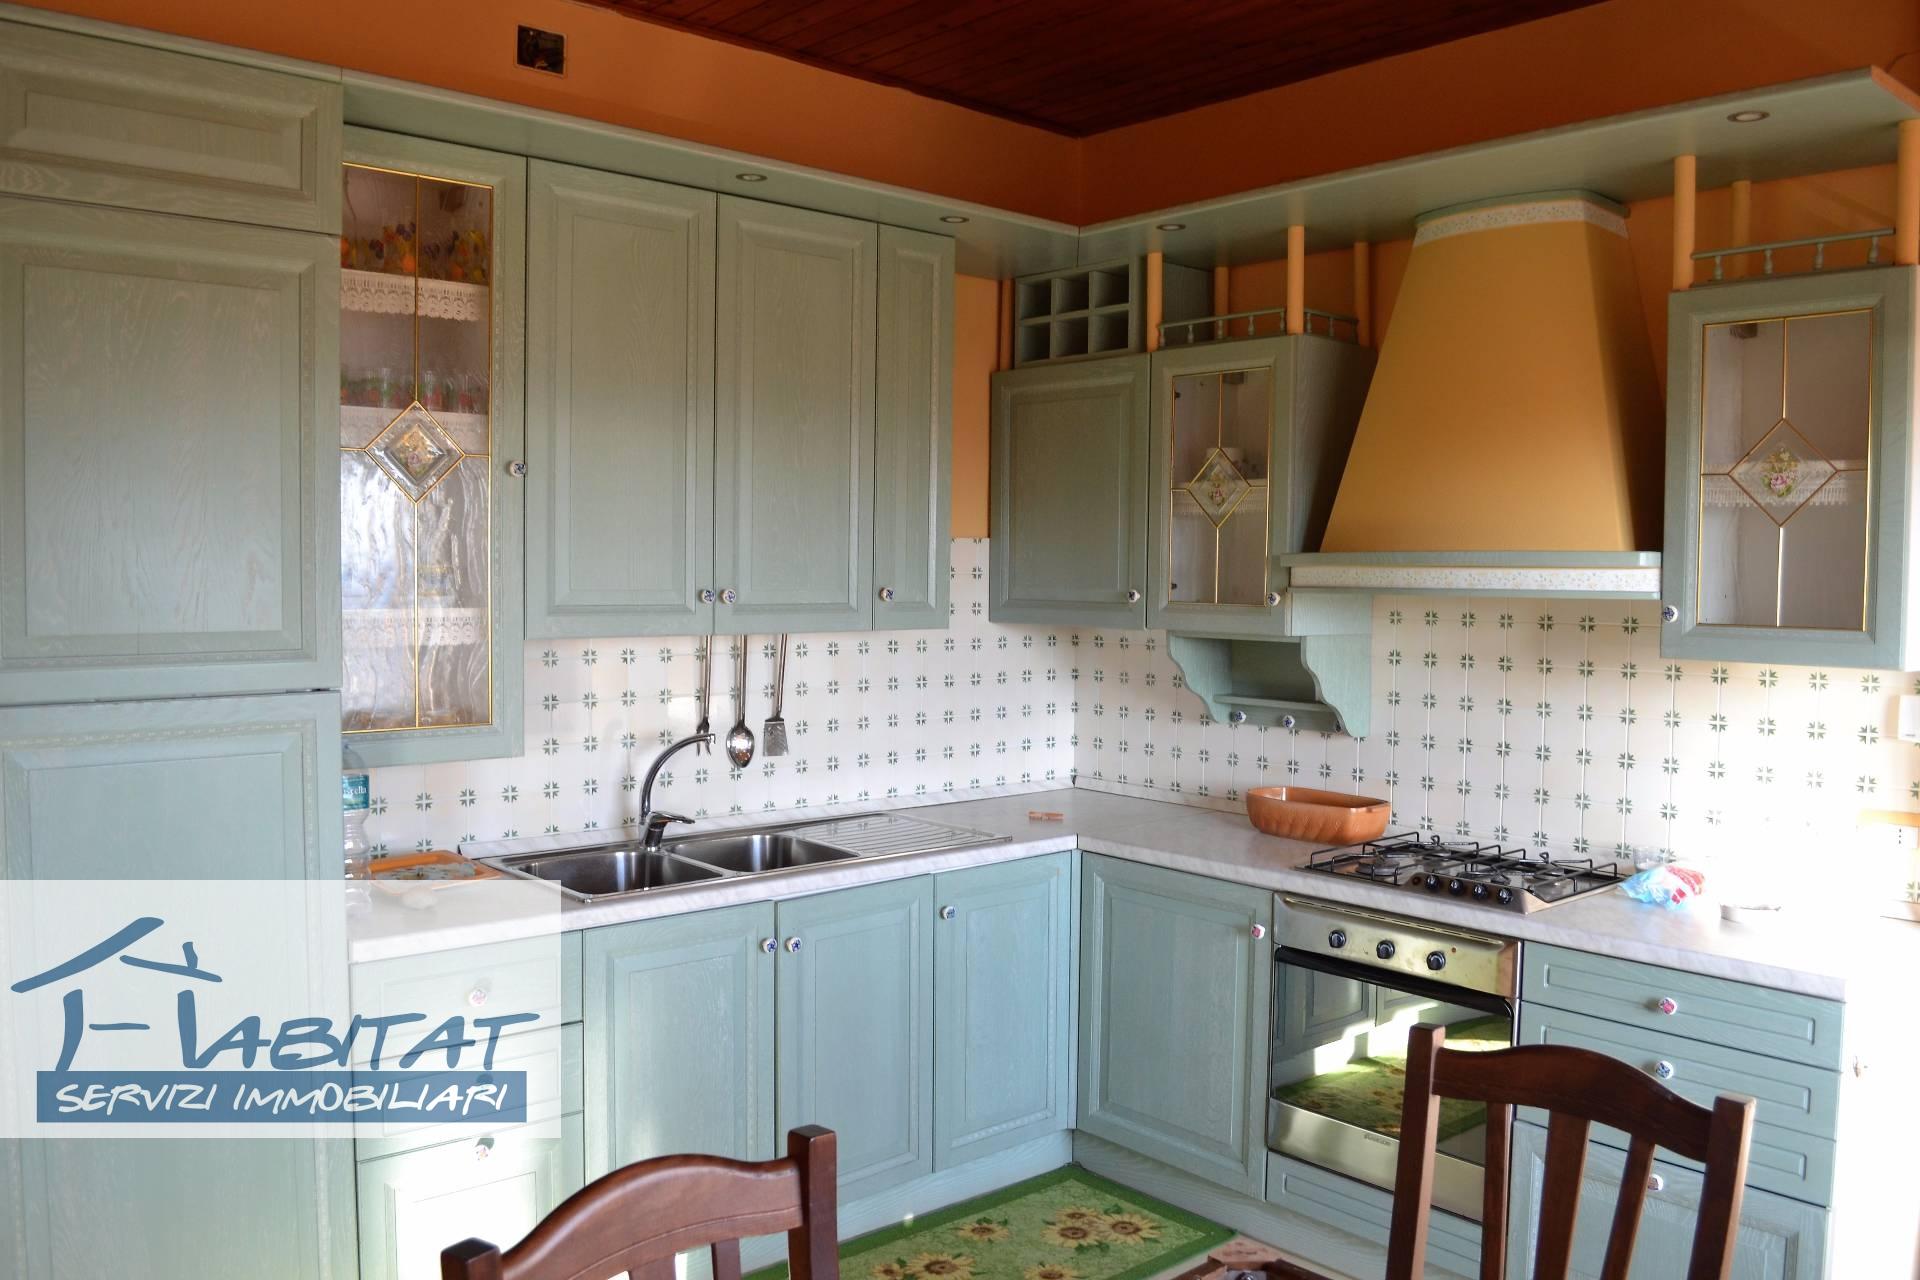 Appartamento in vendita a Agrigento, 5 locali, zona Località: SanLeone, prezzo € 220.000 | CambioCasa.it